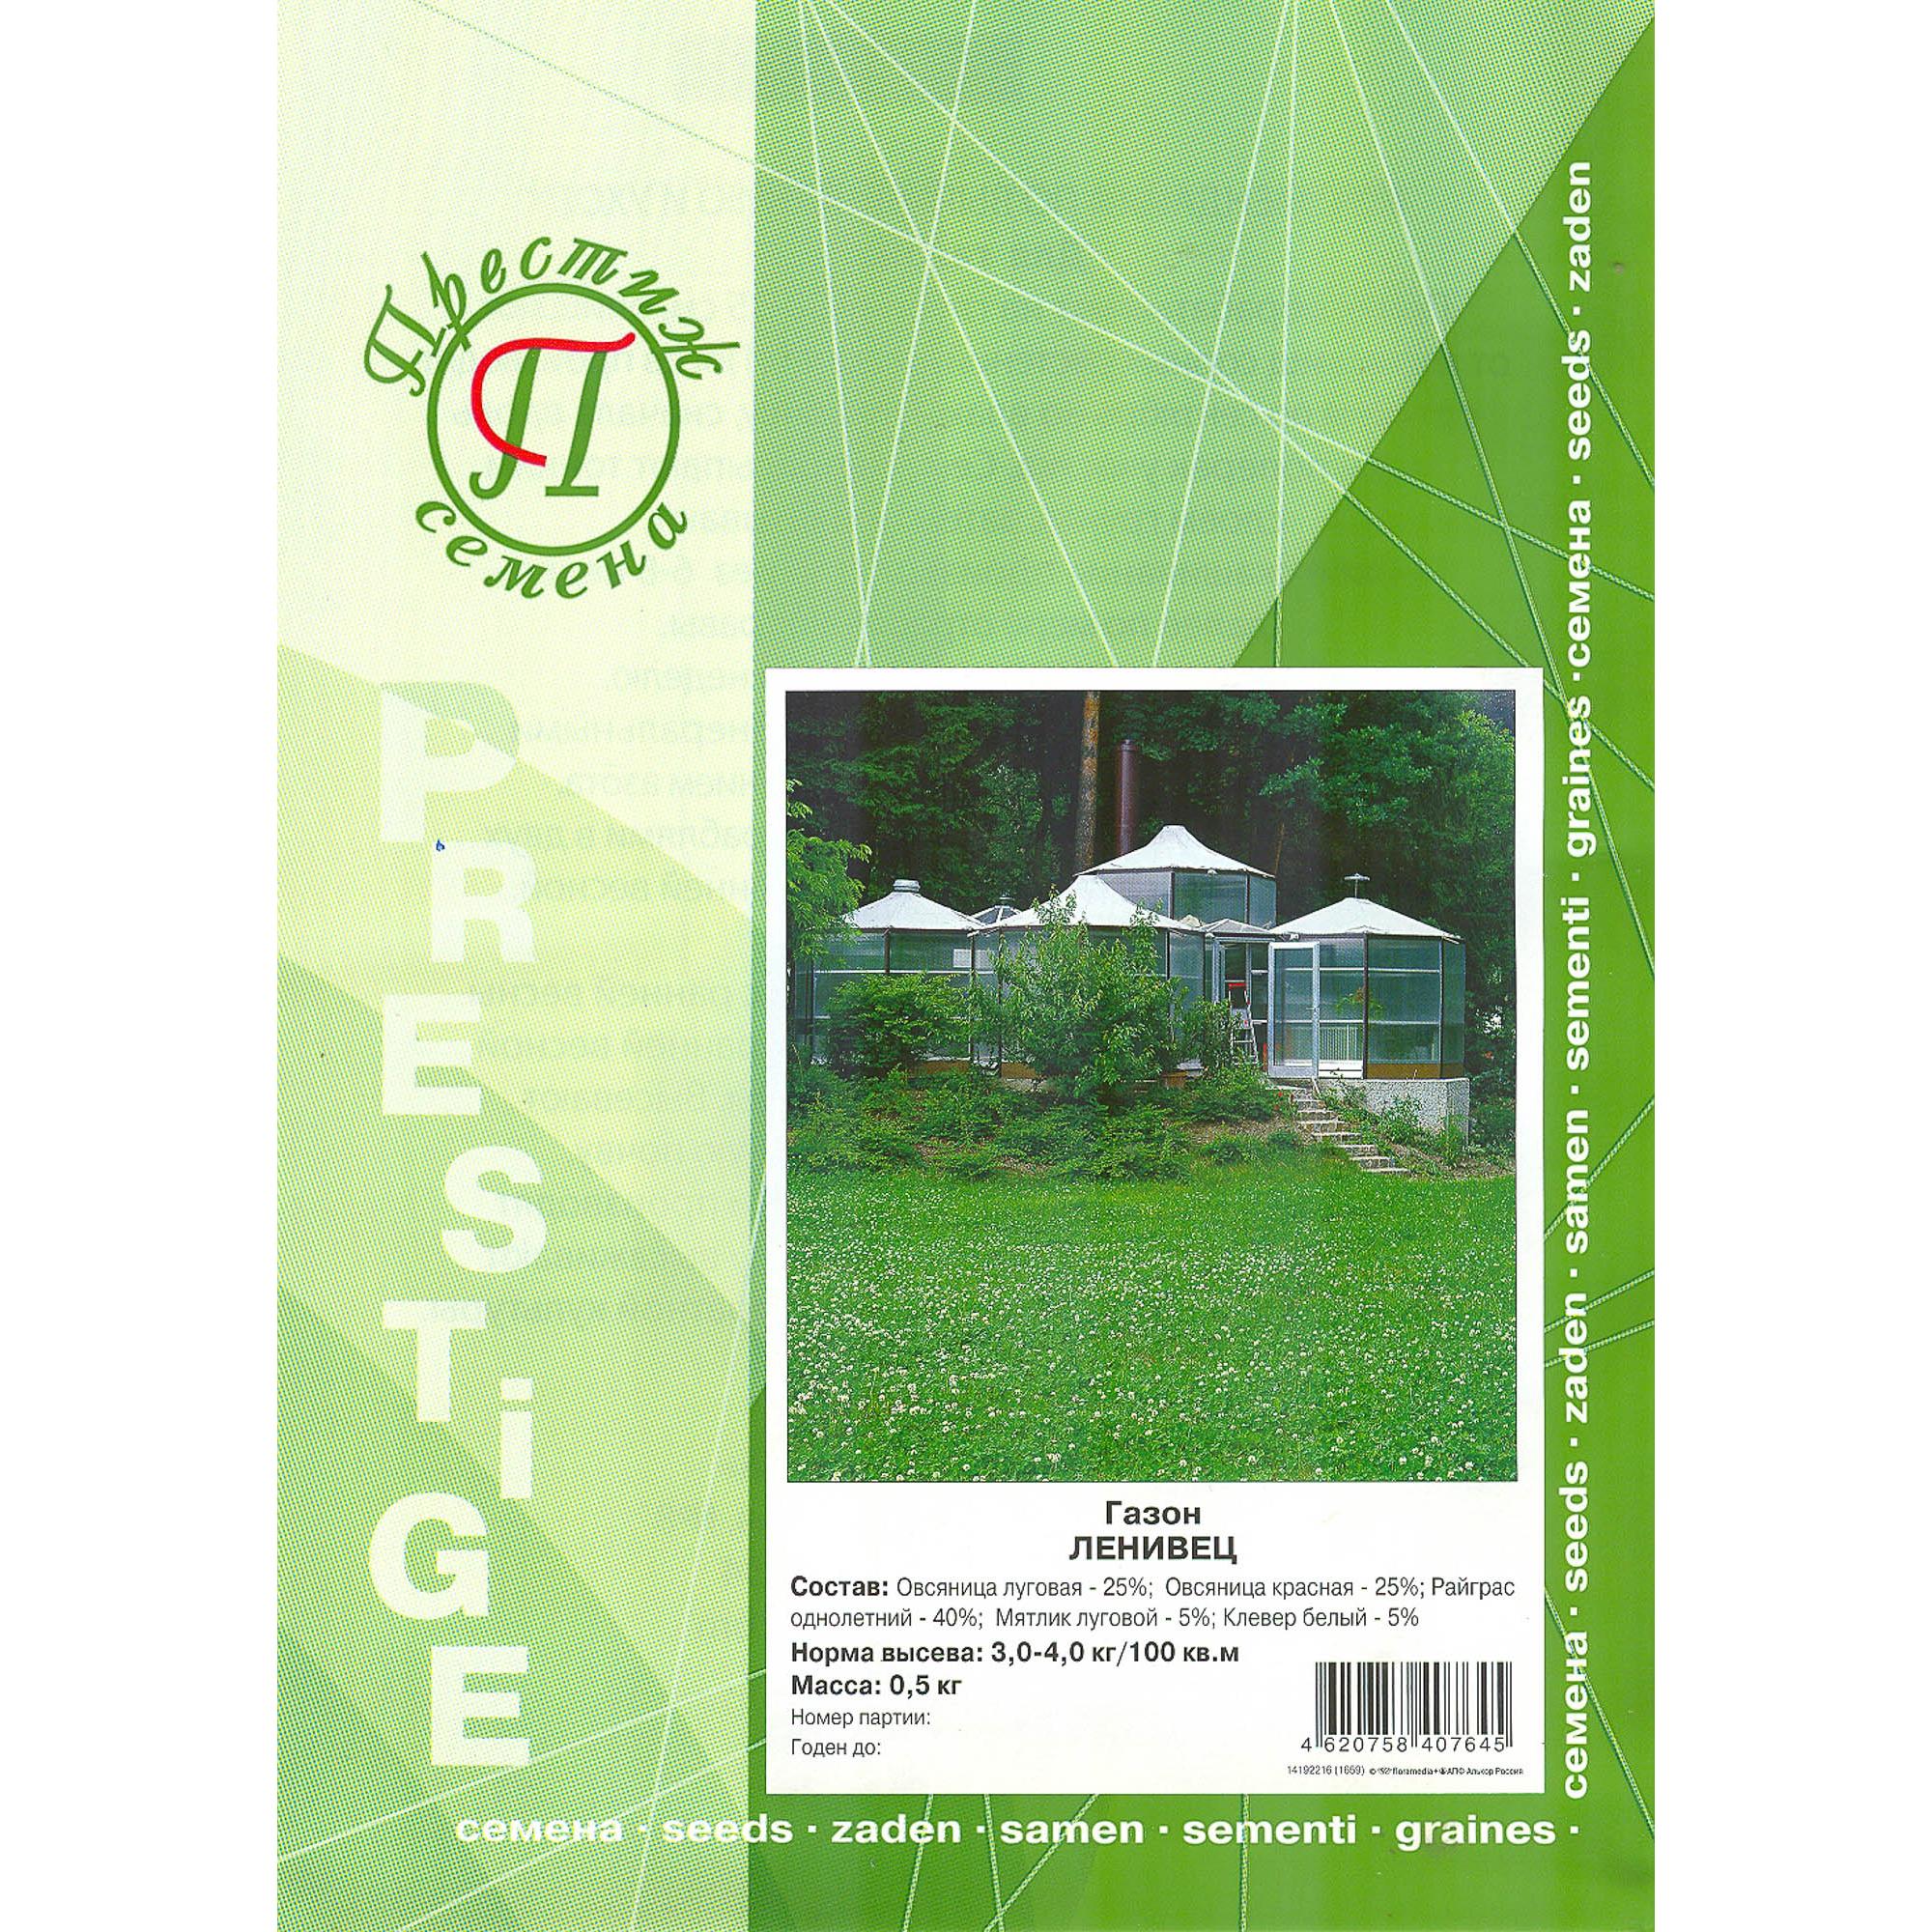 Газон Престиж-Семена Ленивец 0.5 кг